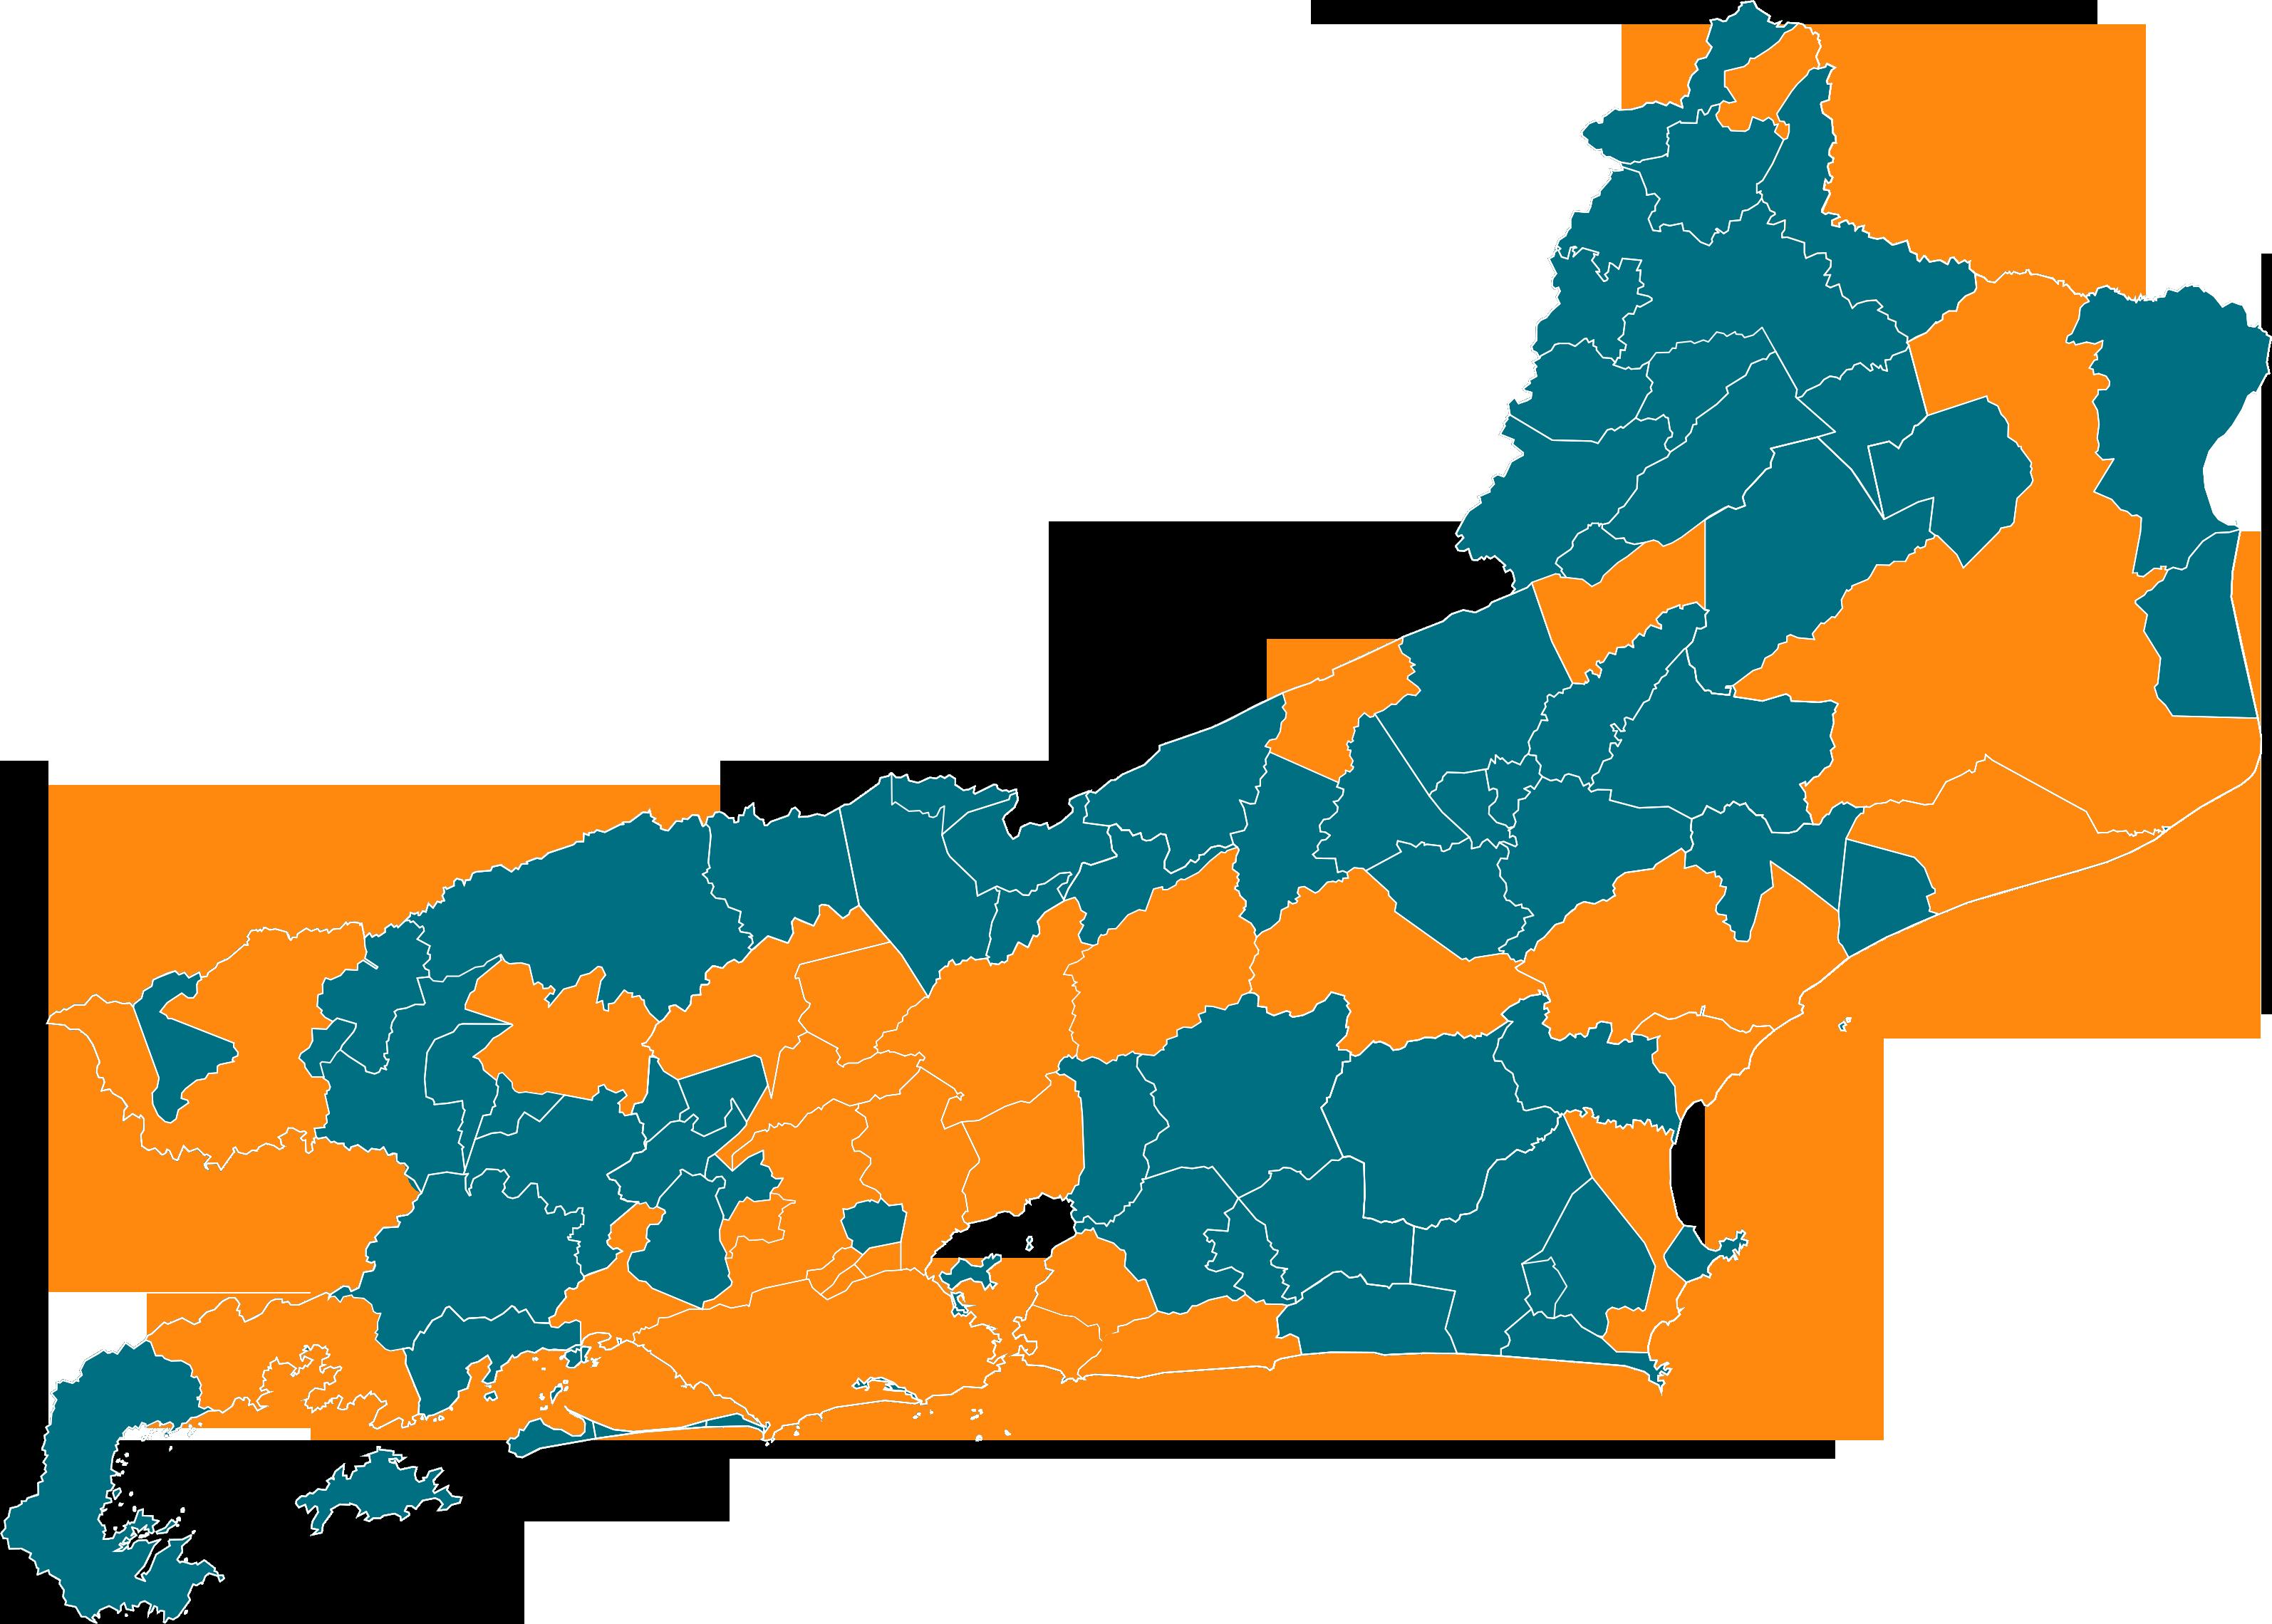 Mapa juntos (29 municípios)